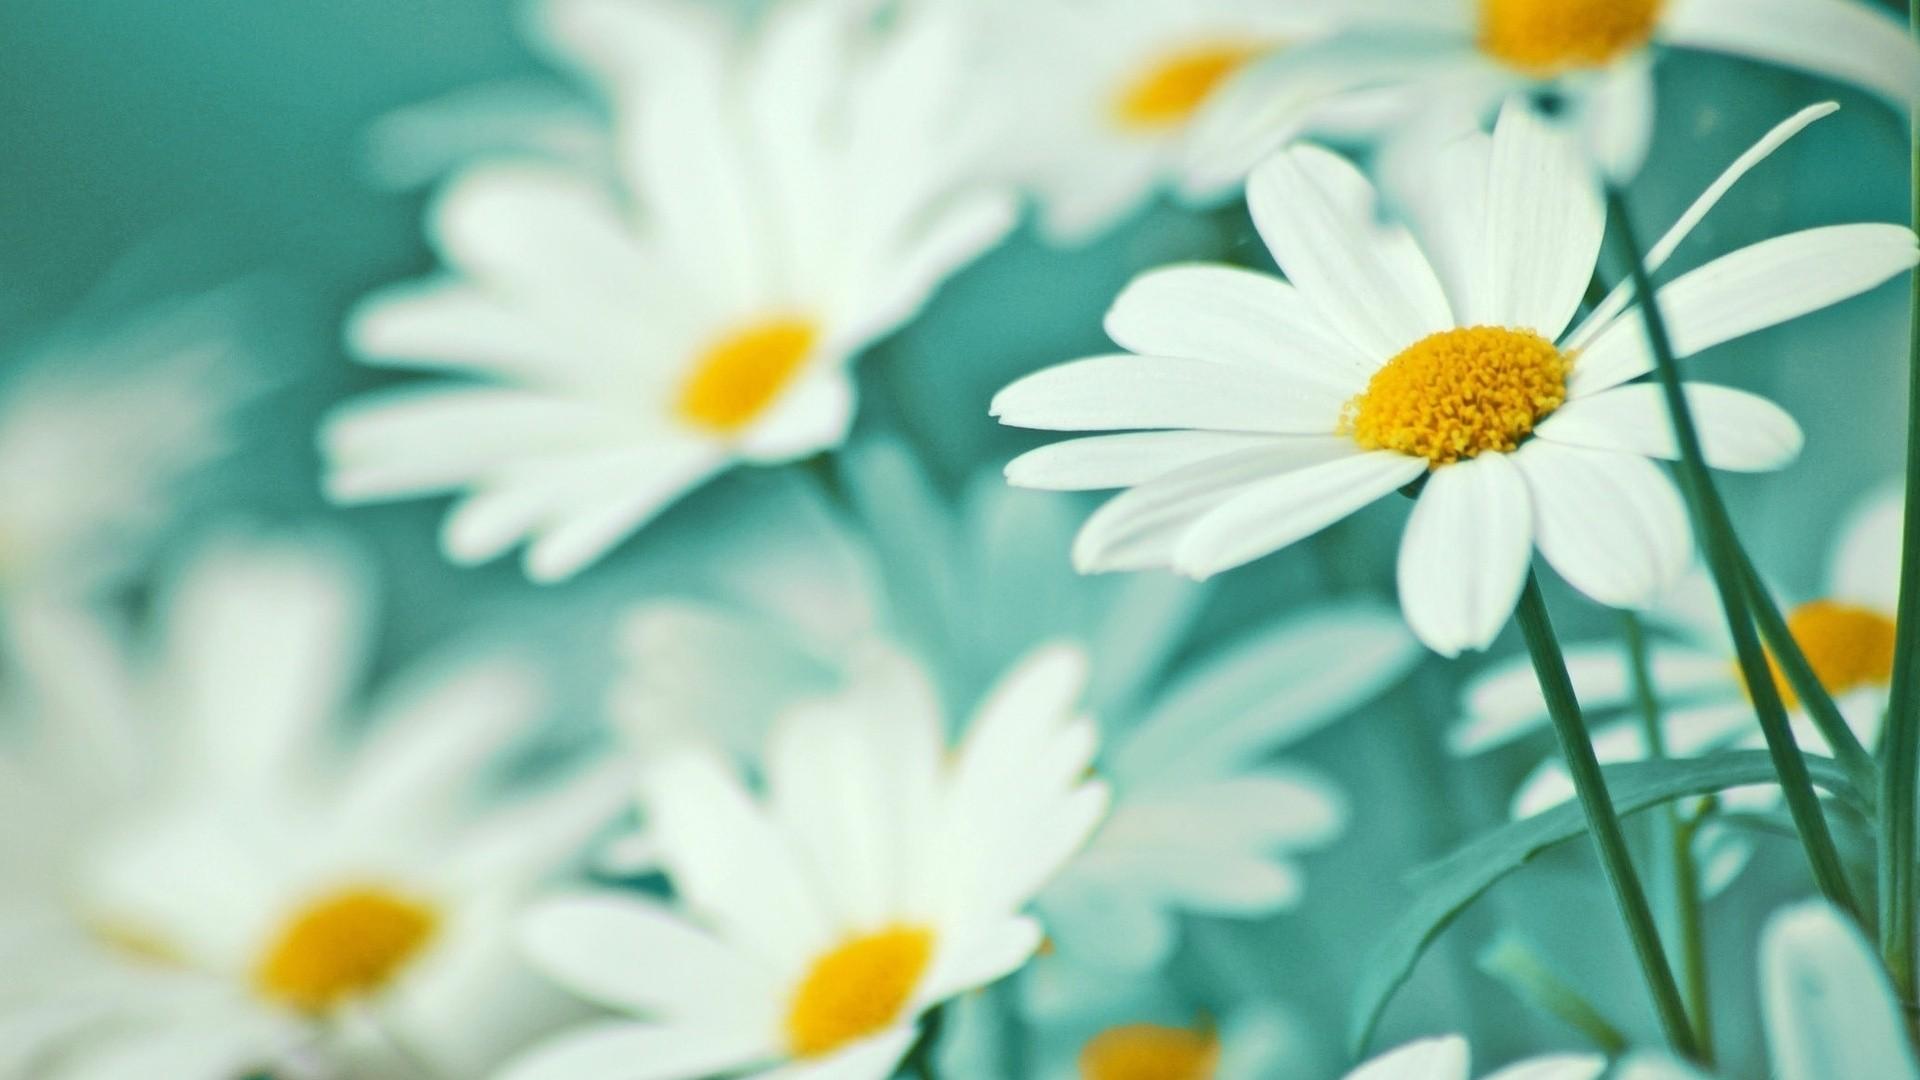 Daisy Full HD Wallpaper